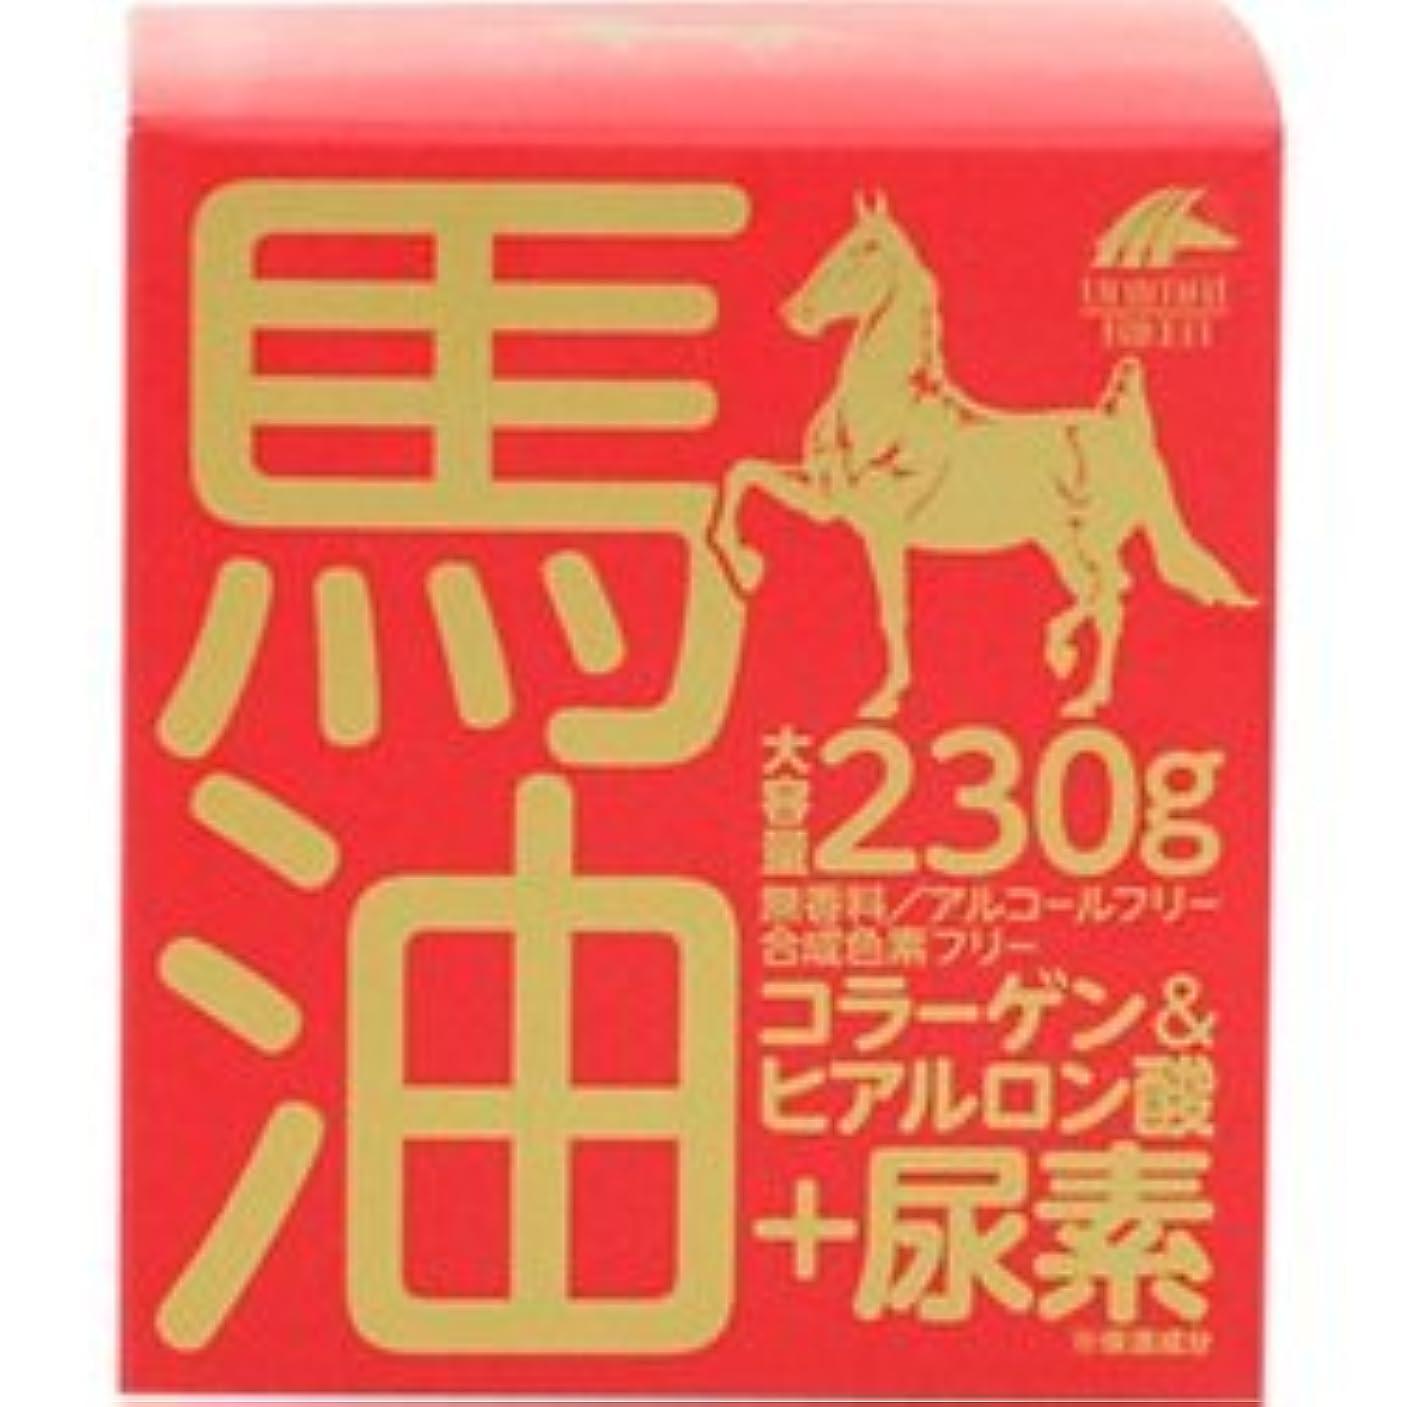 効率的スペルふつう【ユニマットリケン】馬油クリーム+尿素 230g ×3個セット